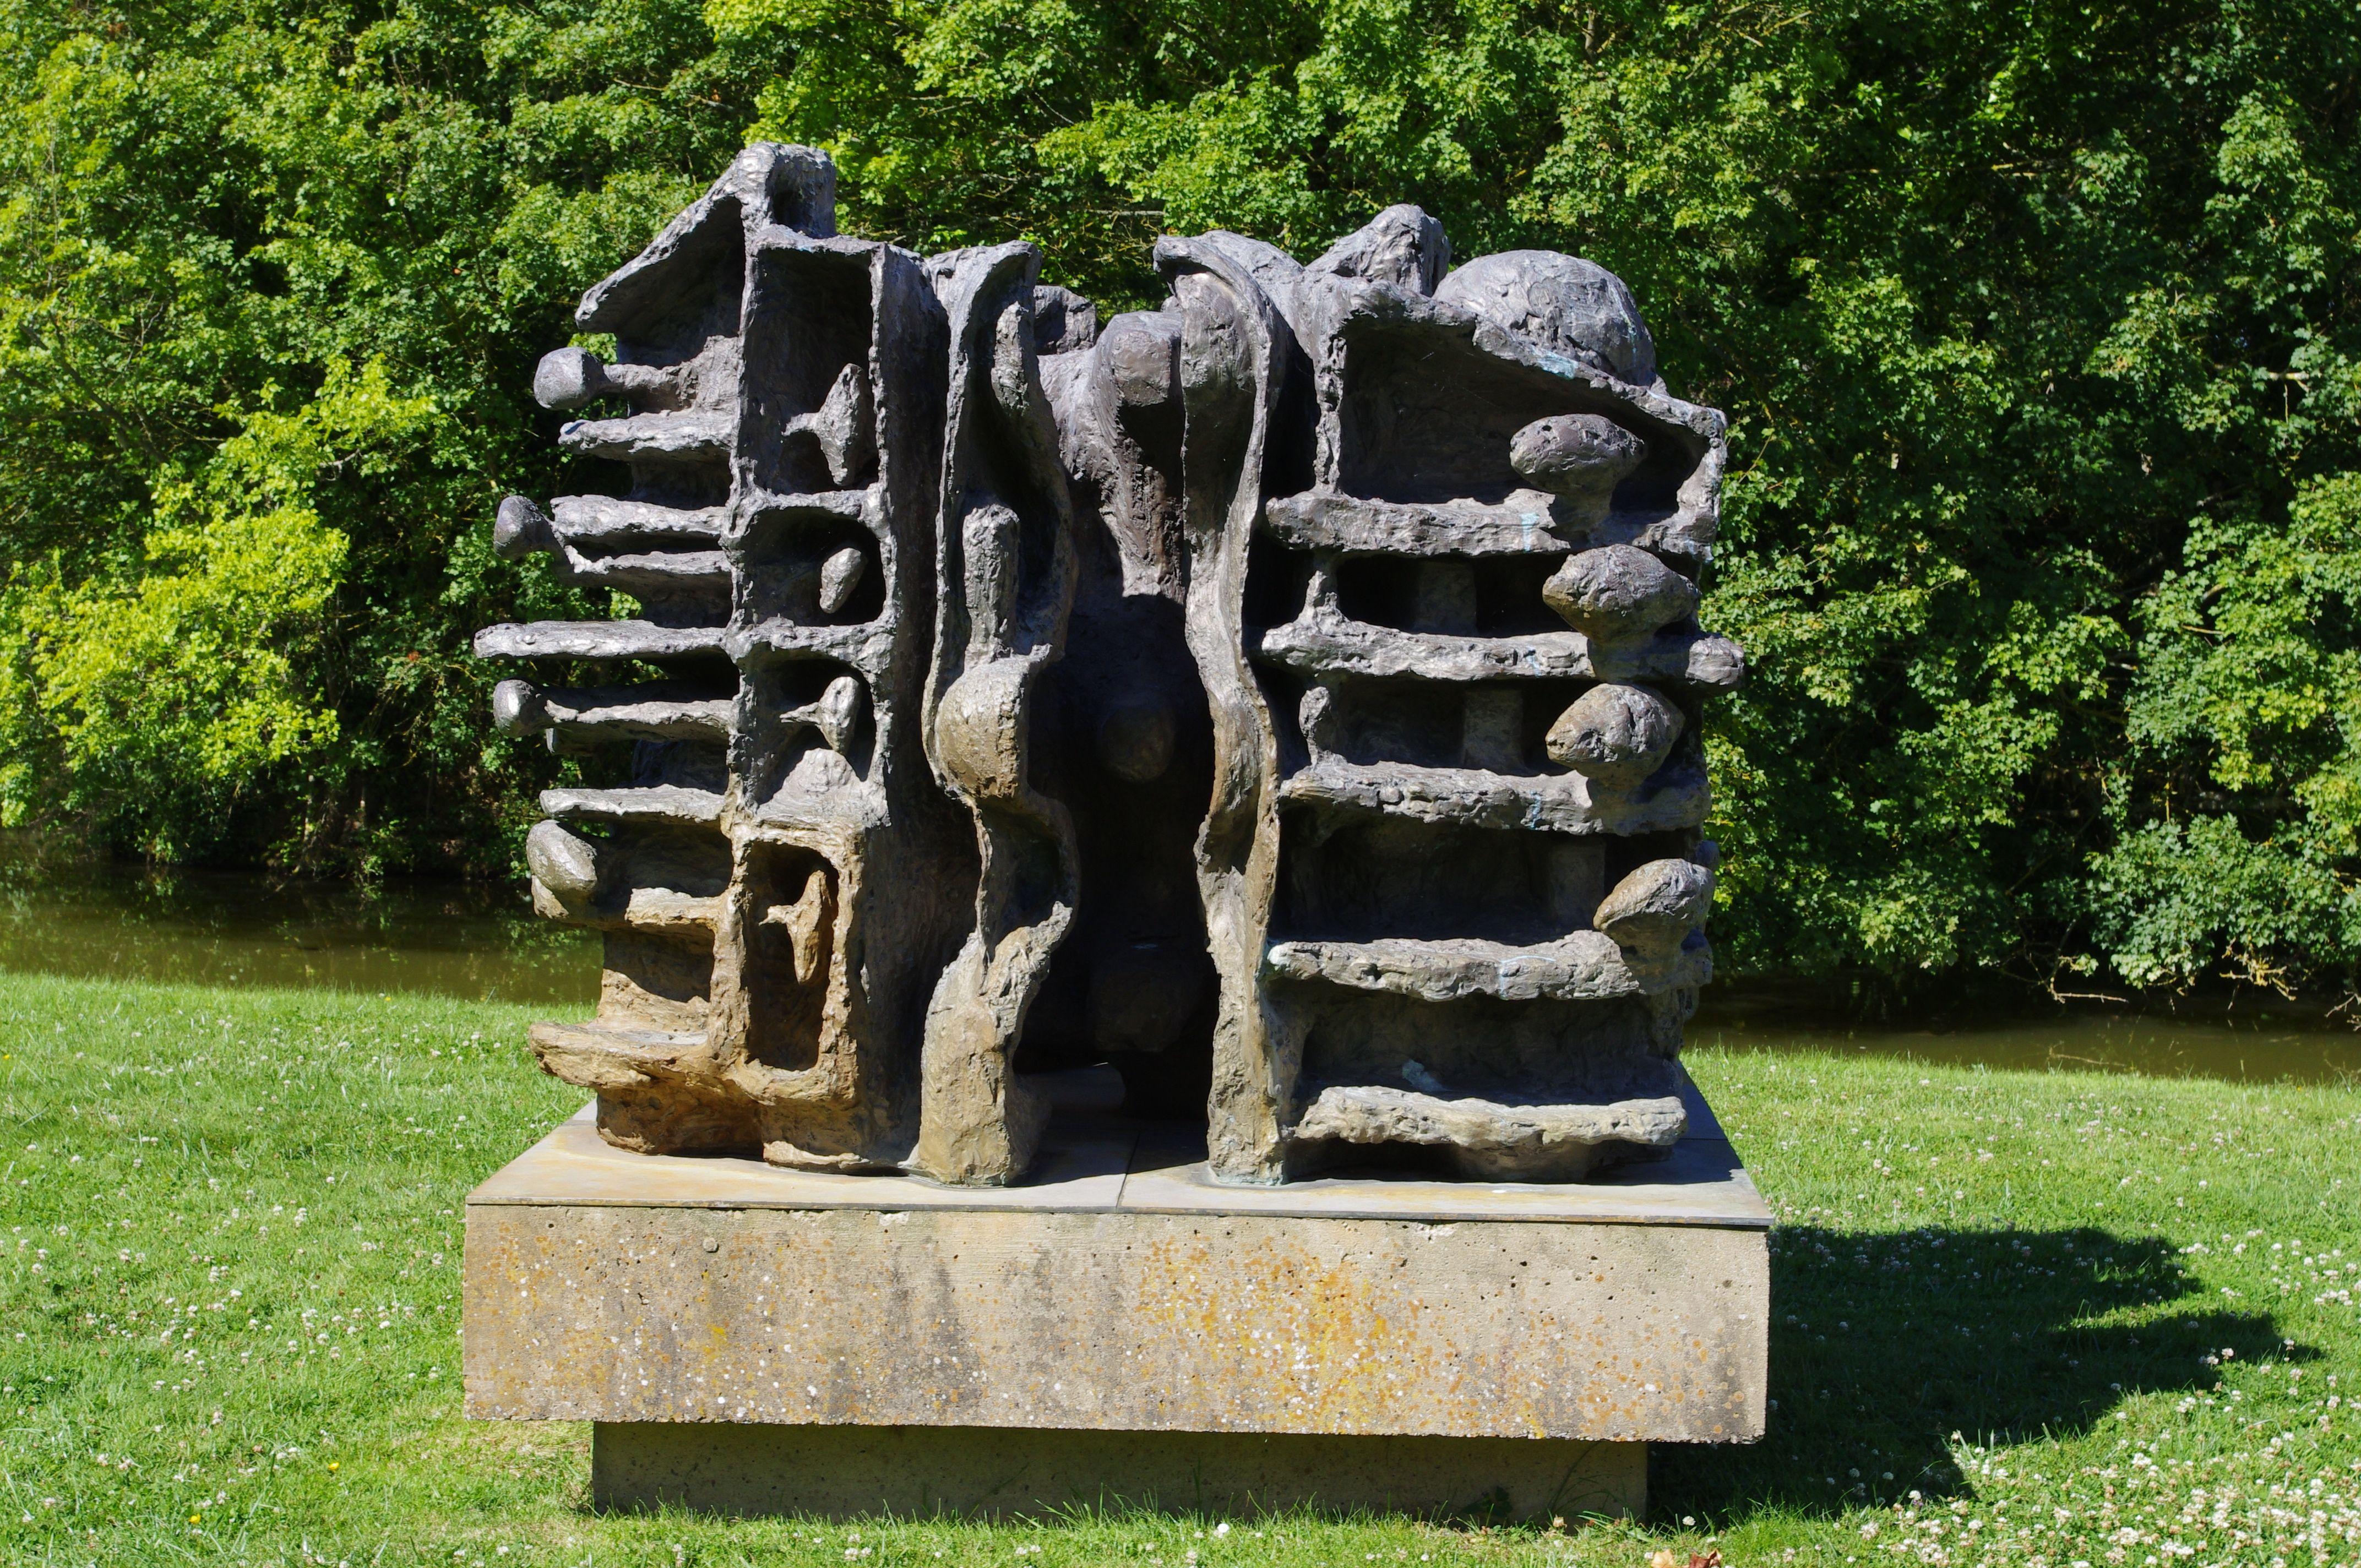 Le Bois Orcan Parc De L Athanor Parc De Sculpture D Etienne